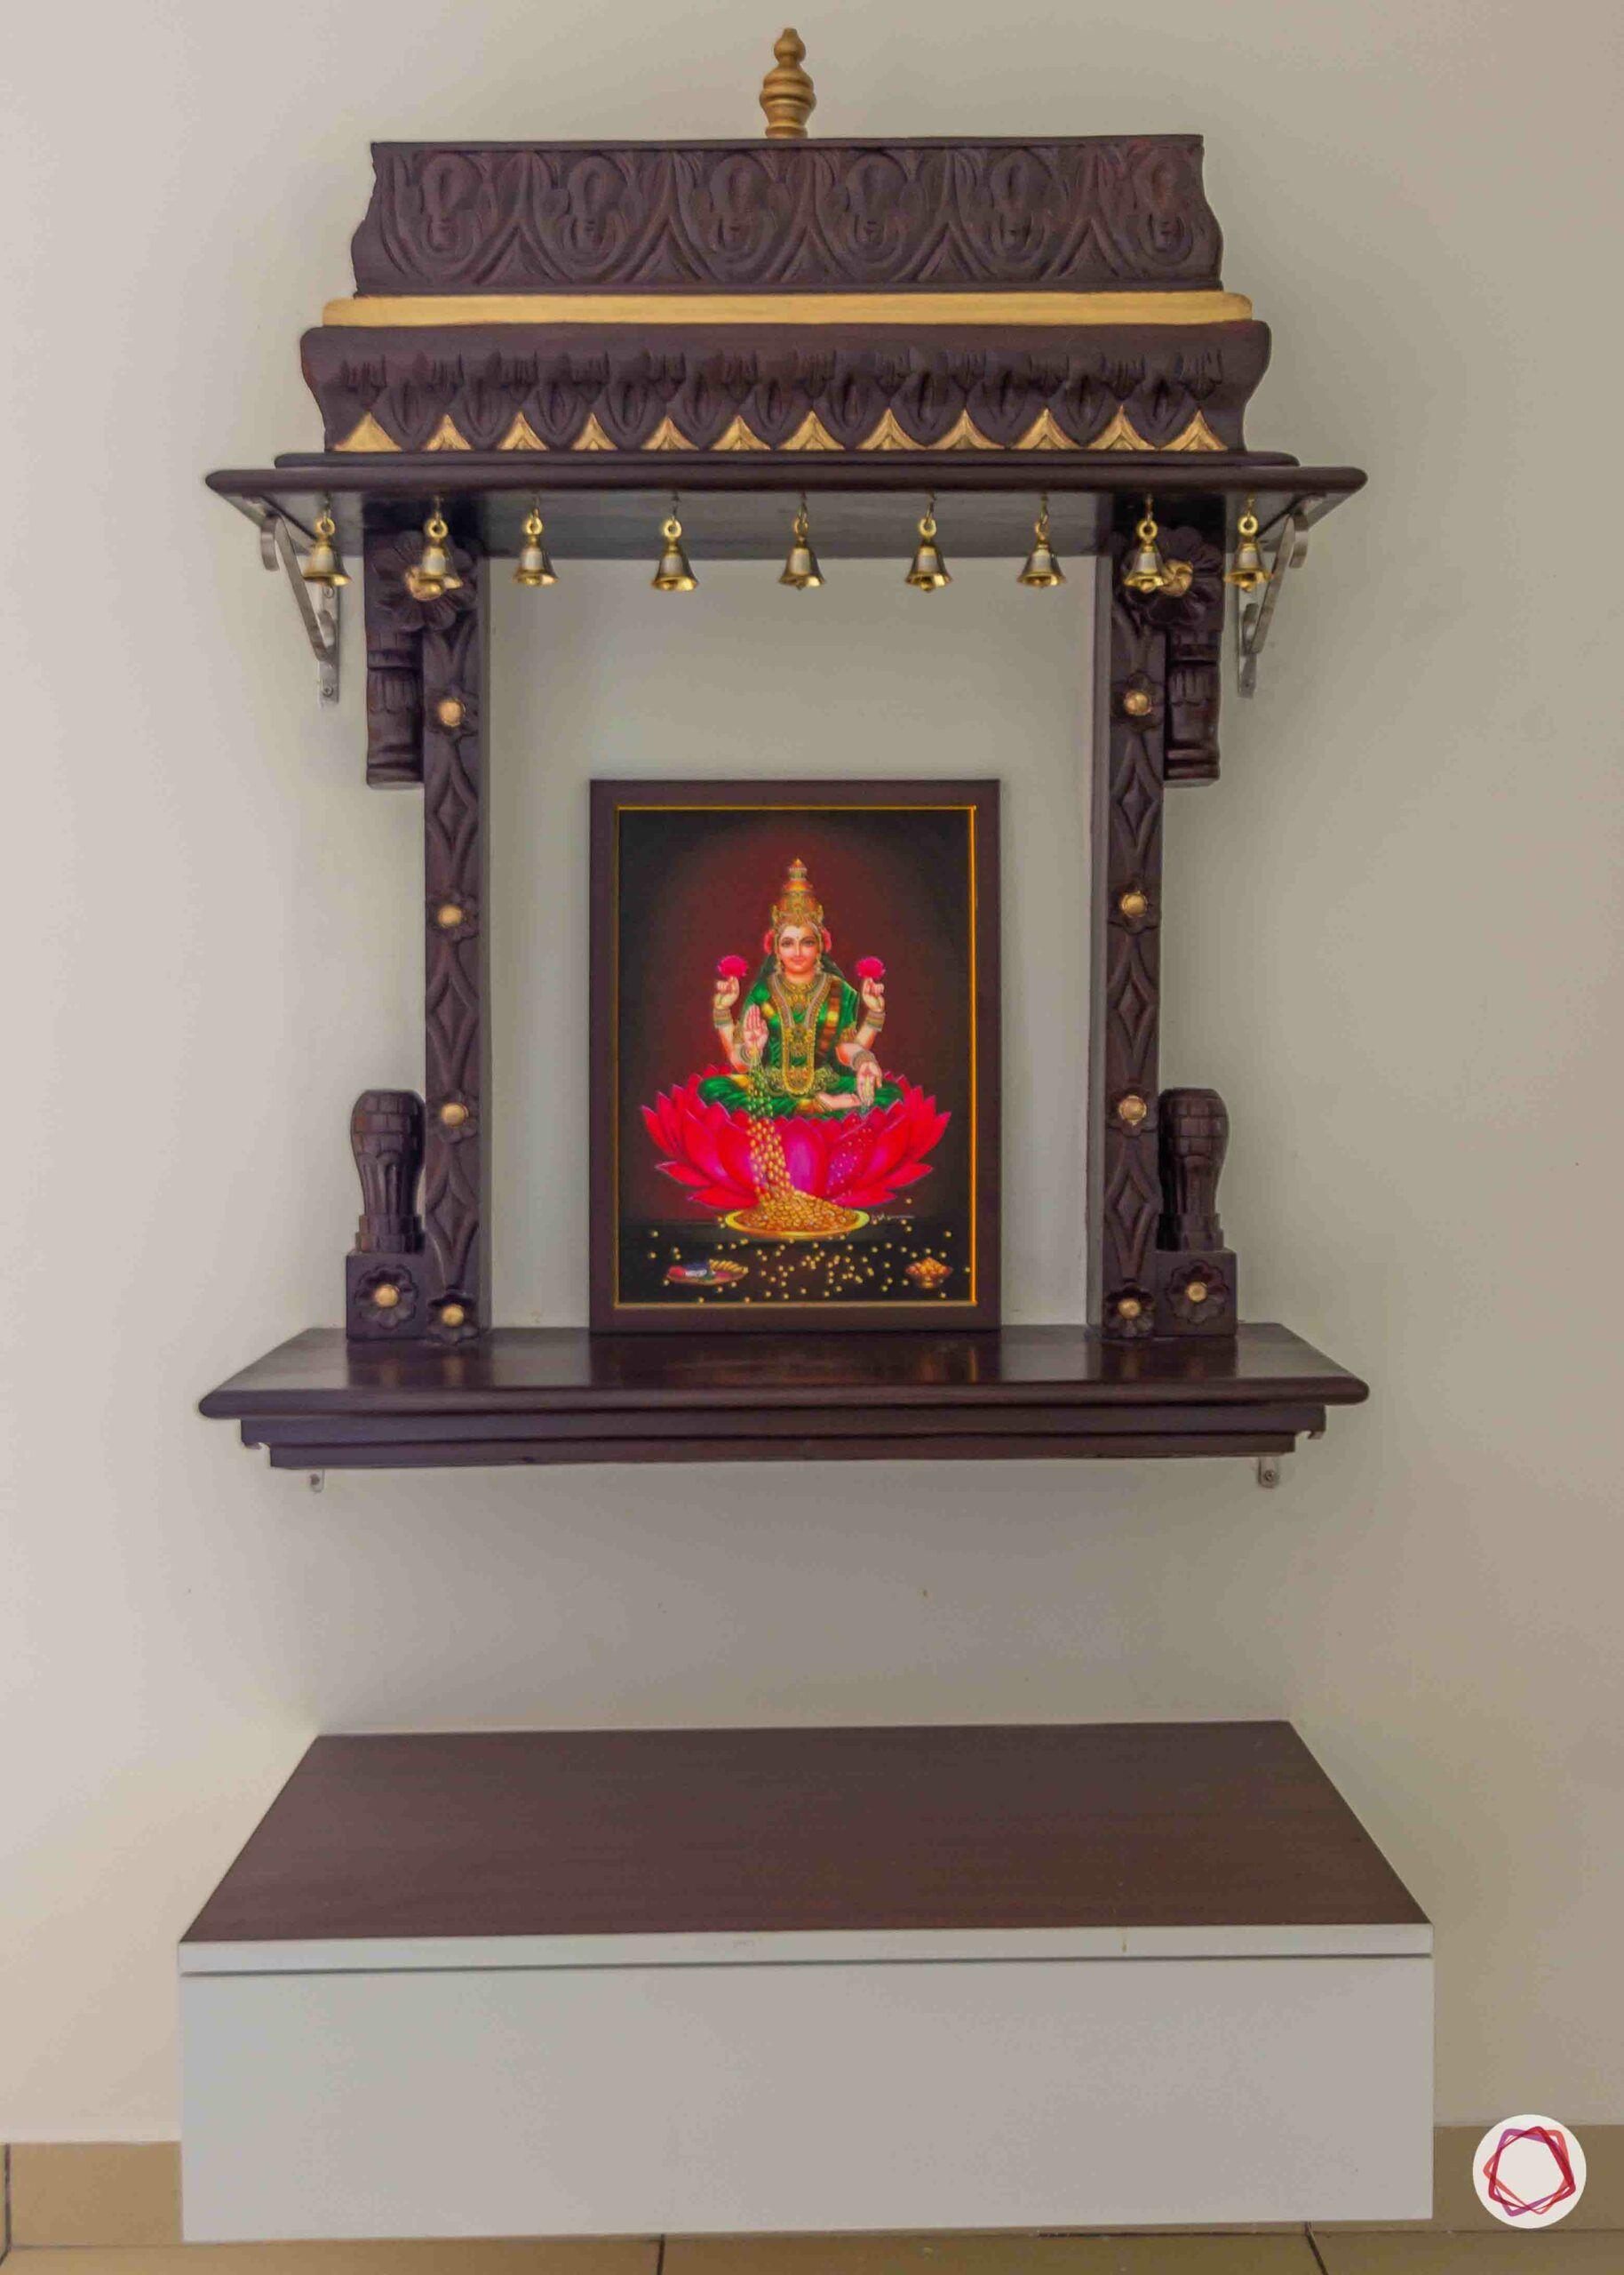 pooja-mandir-designs-pooja-room-images-rosewood-unit